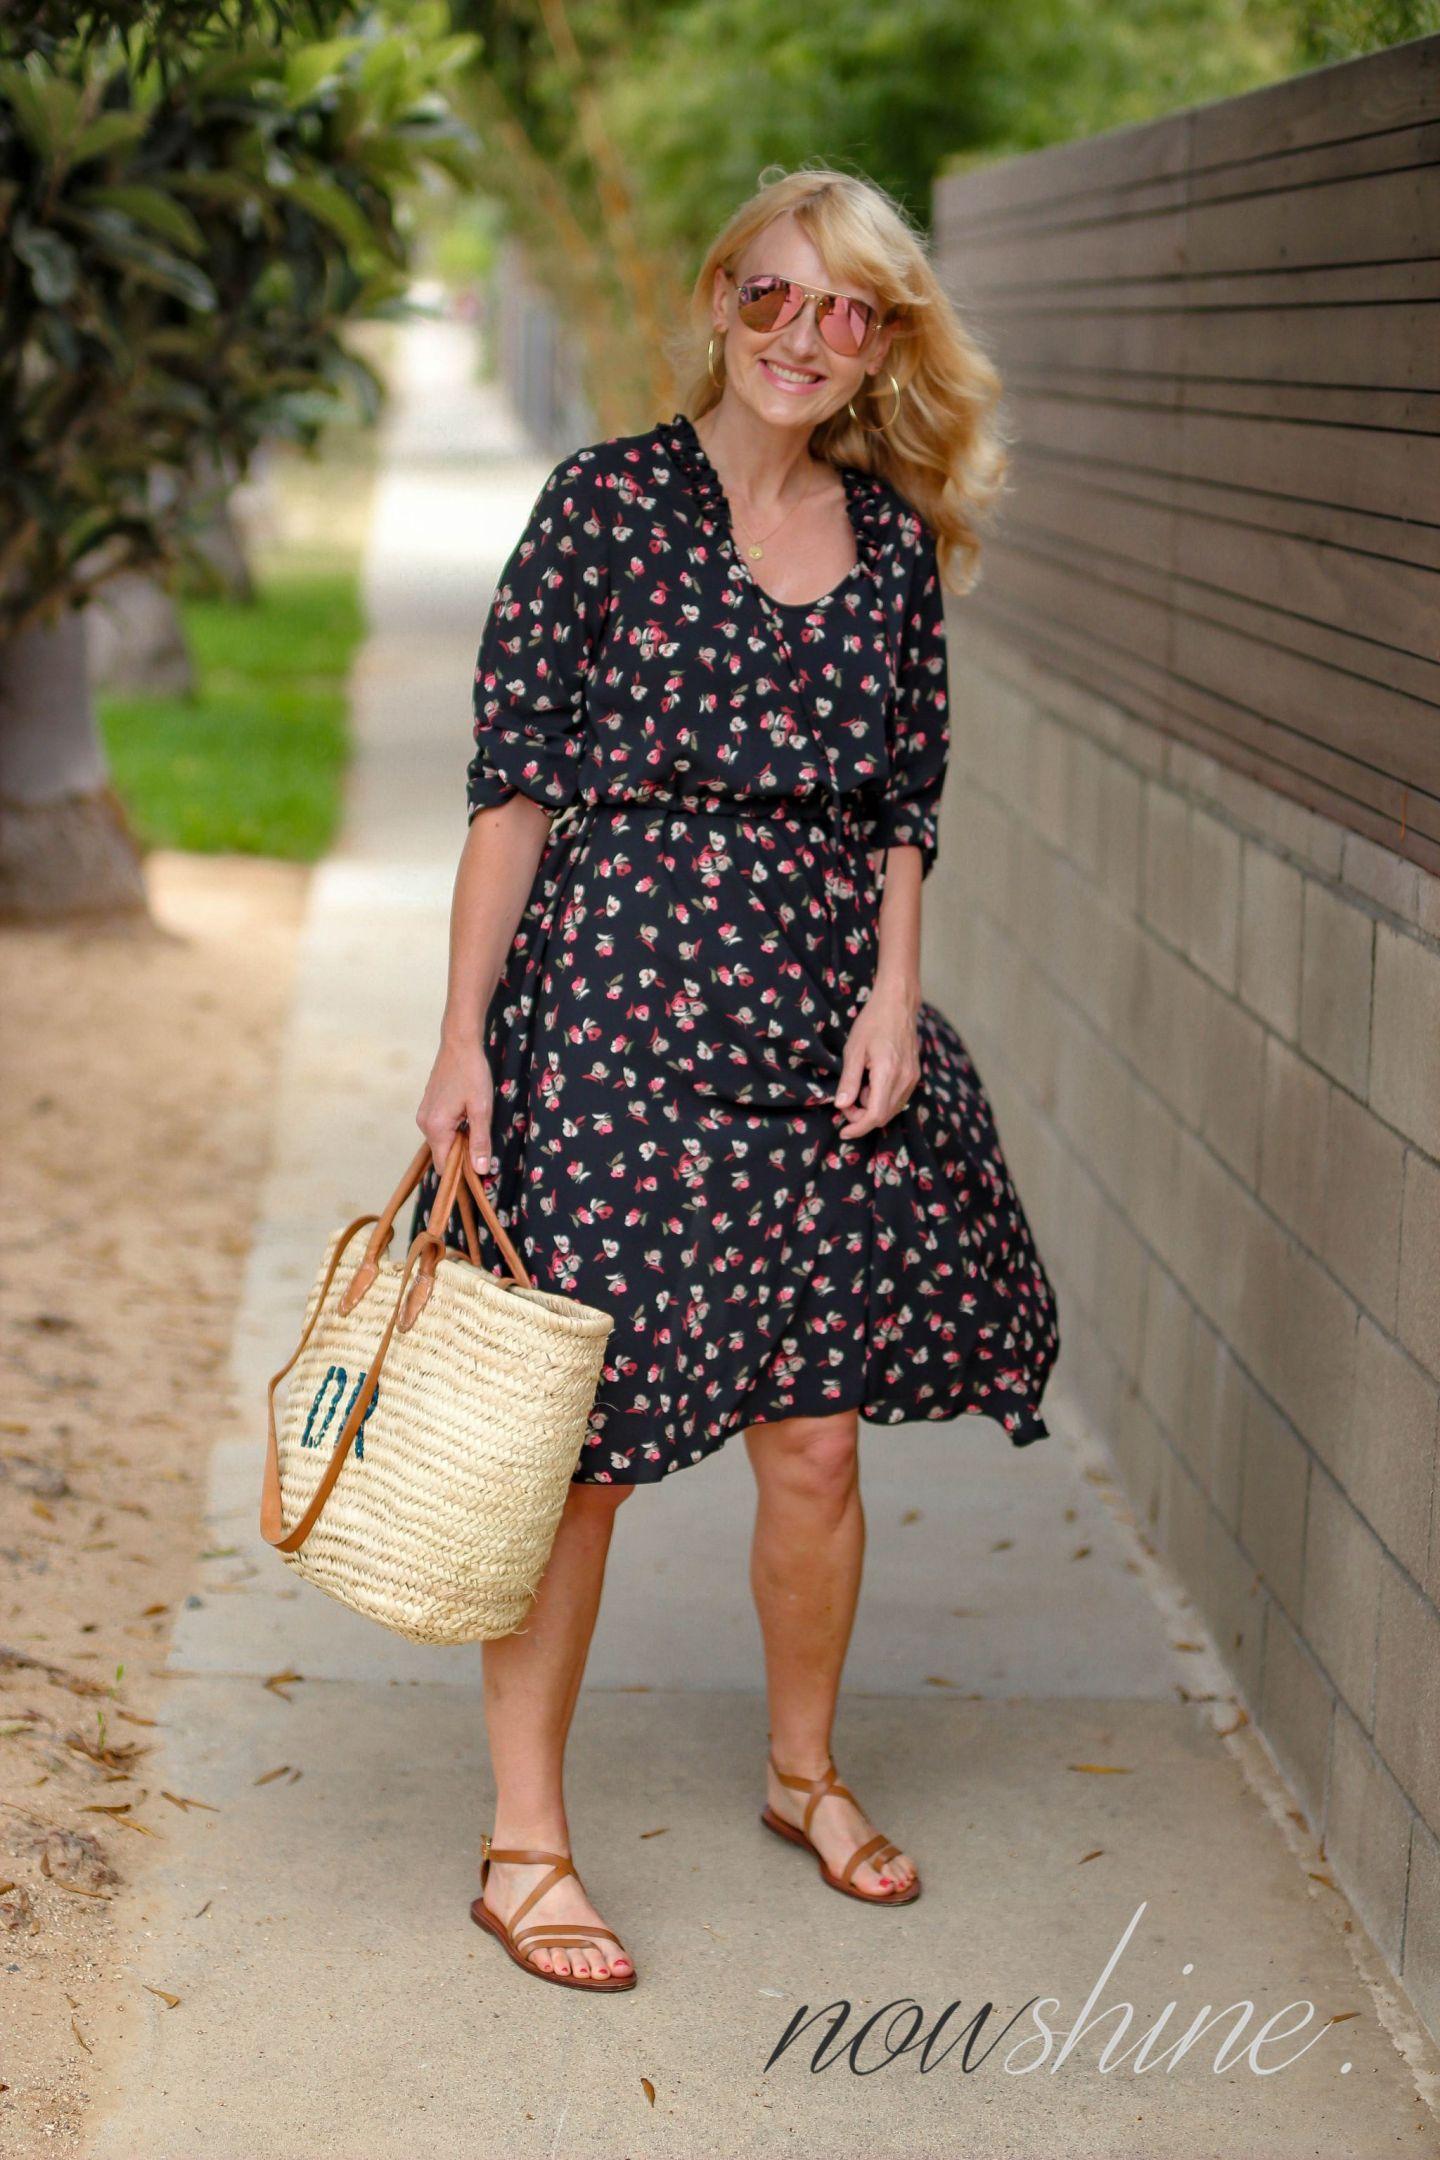 Aus dem WENZ Katalog - Kleid mit Blumen in Venice Kalifornien - Nowshine ü 40 Reiseblog